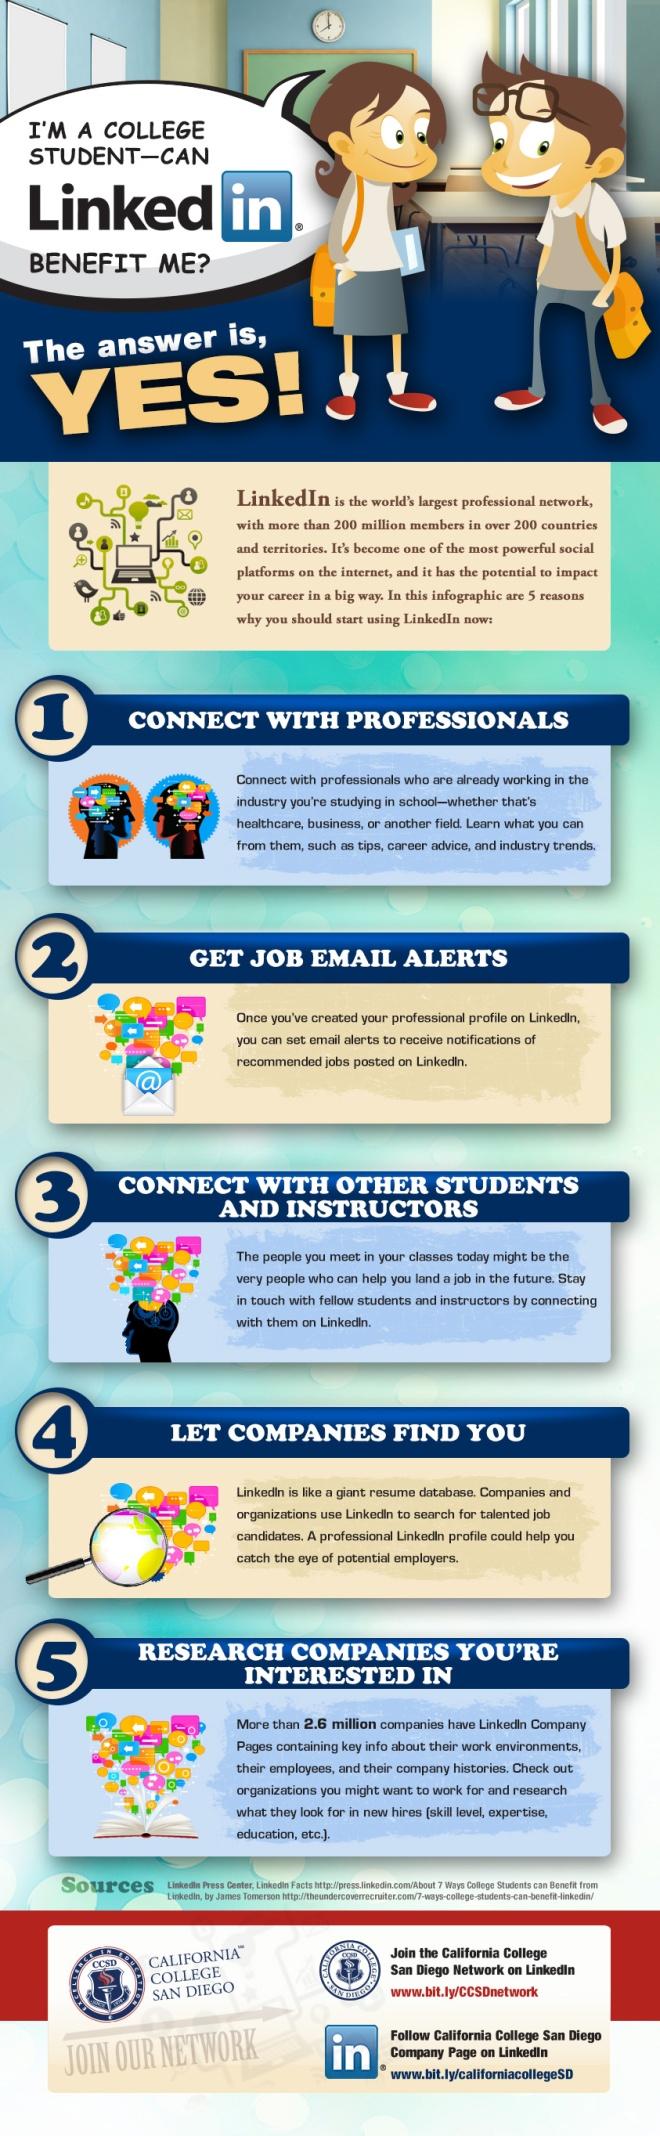 ¿Cómo puede ayudar Linkedin a los universitarios?